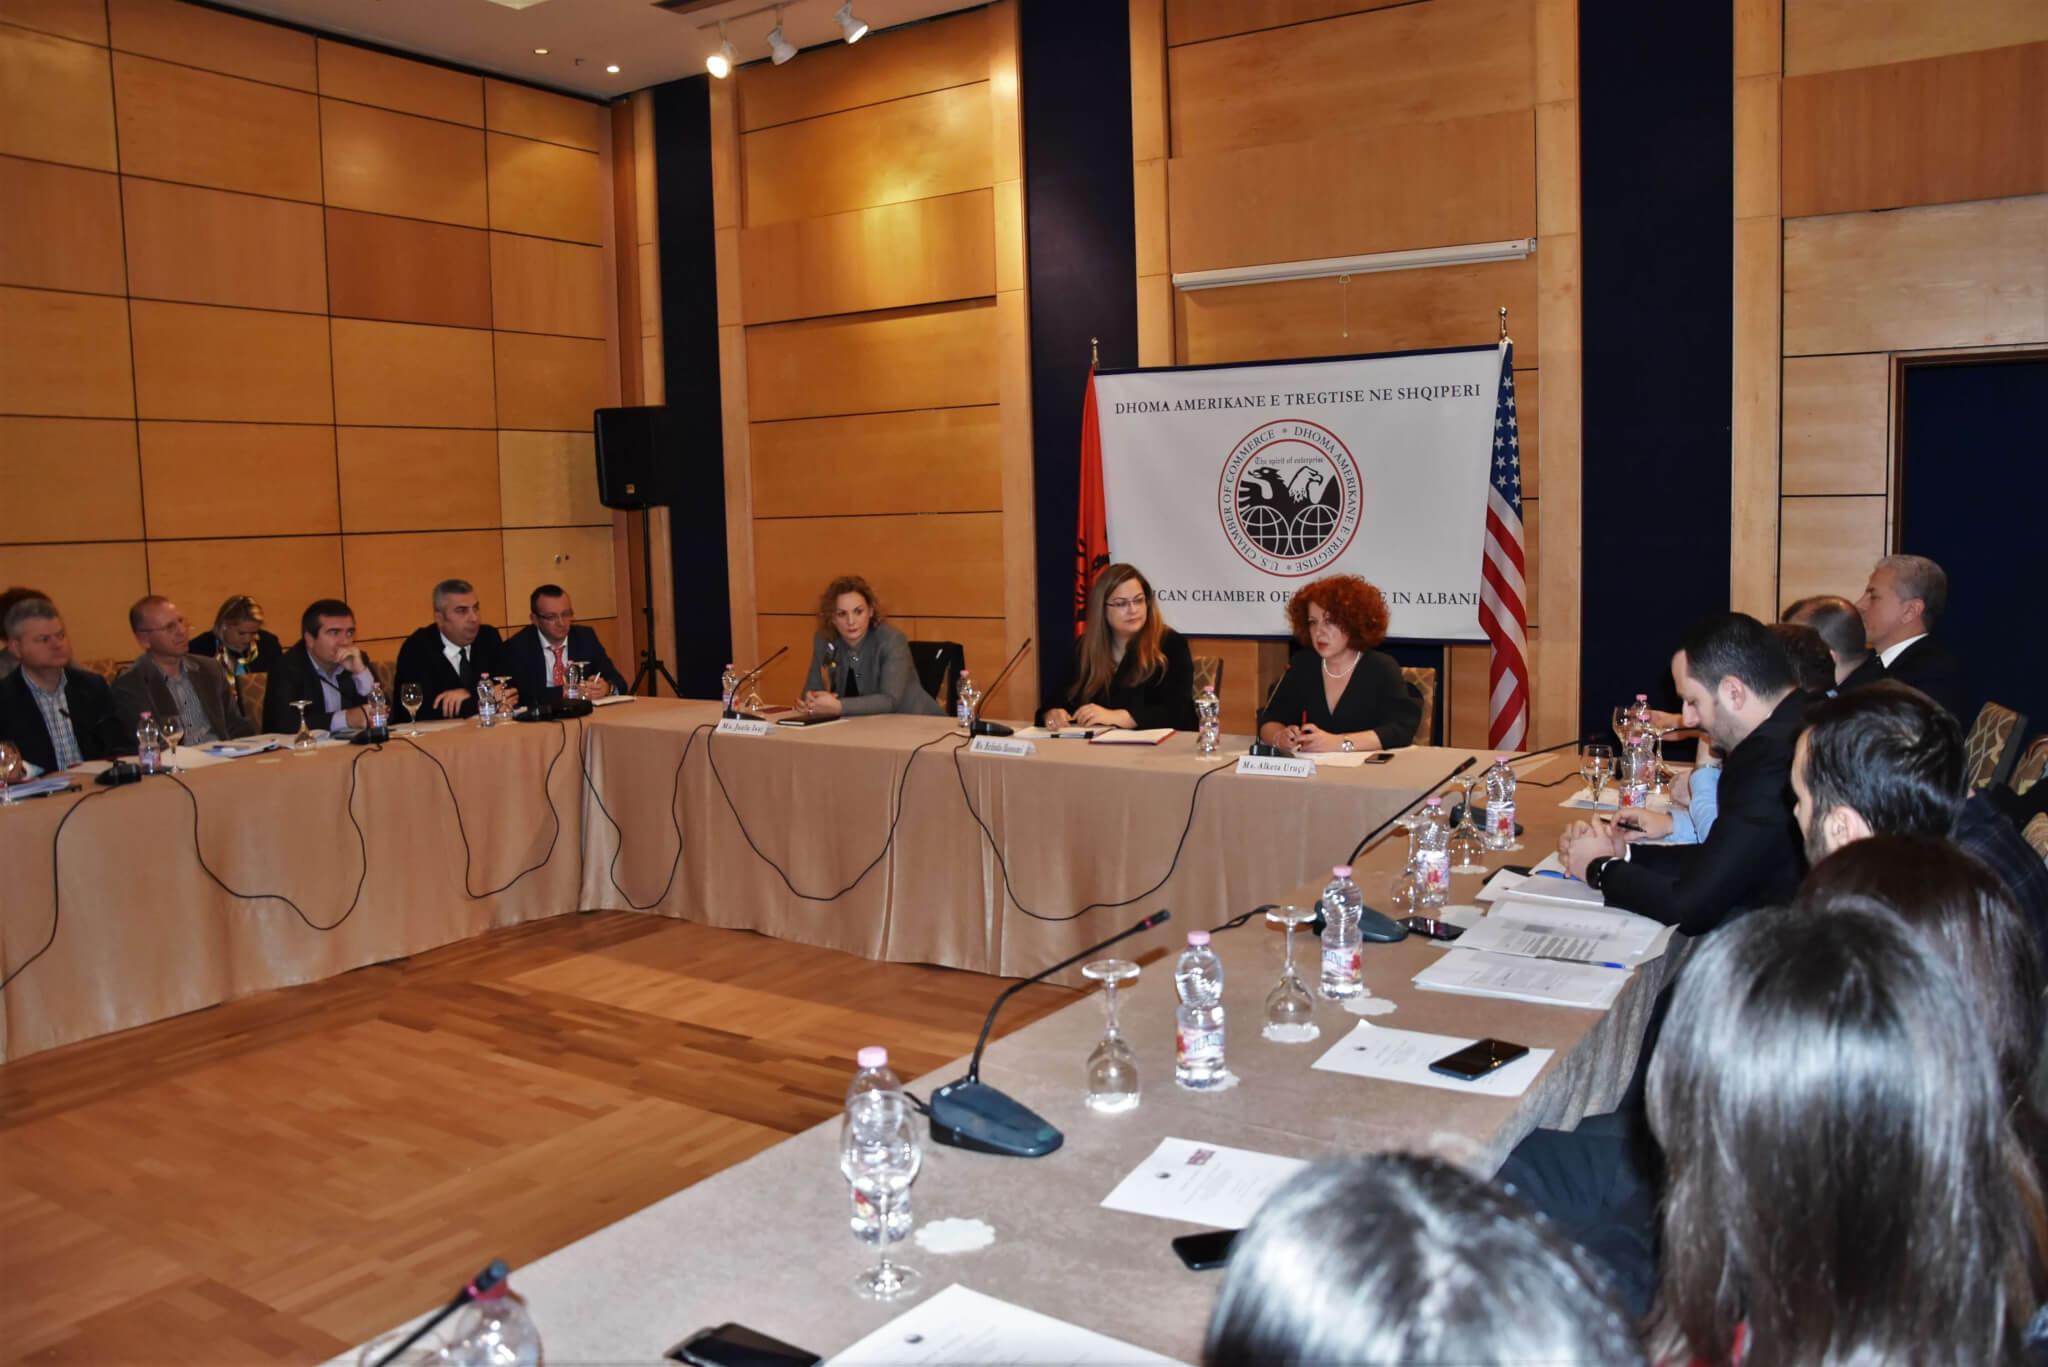 Dhoma Amerikane e Tregtisë: Investimet pengohen nga presioni i klimës politike